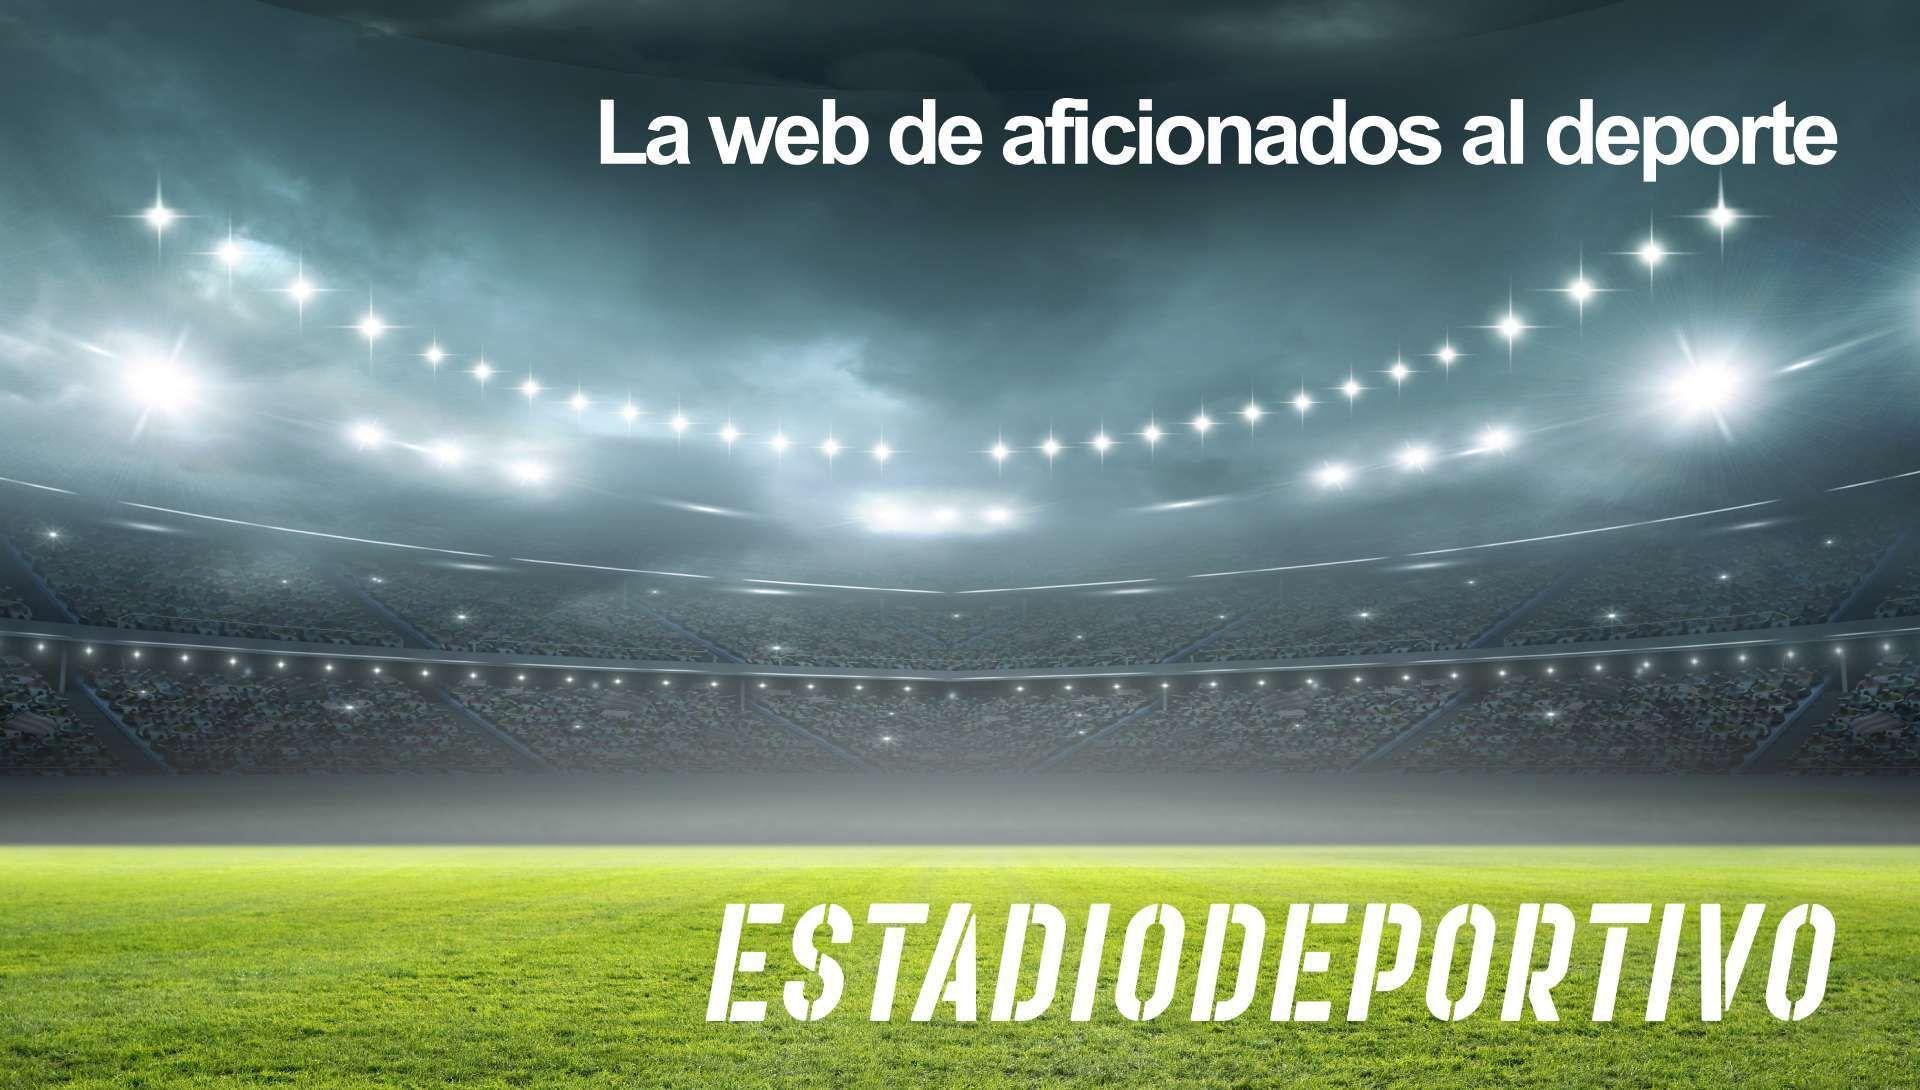 Las portadas de la prensa deportiva del 24 de octubre de 2021